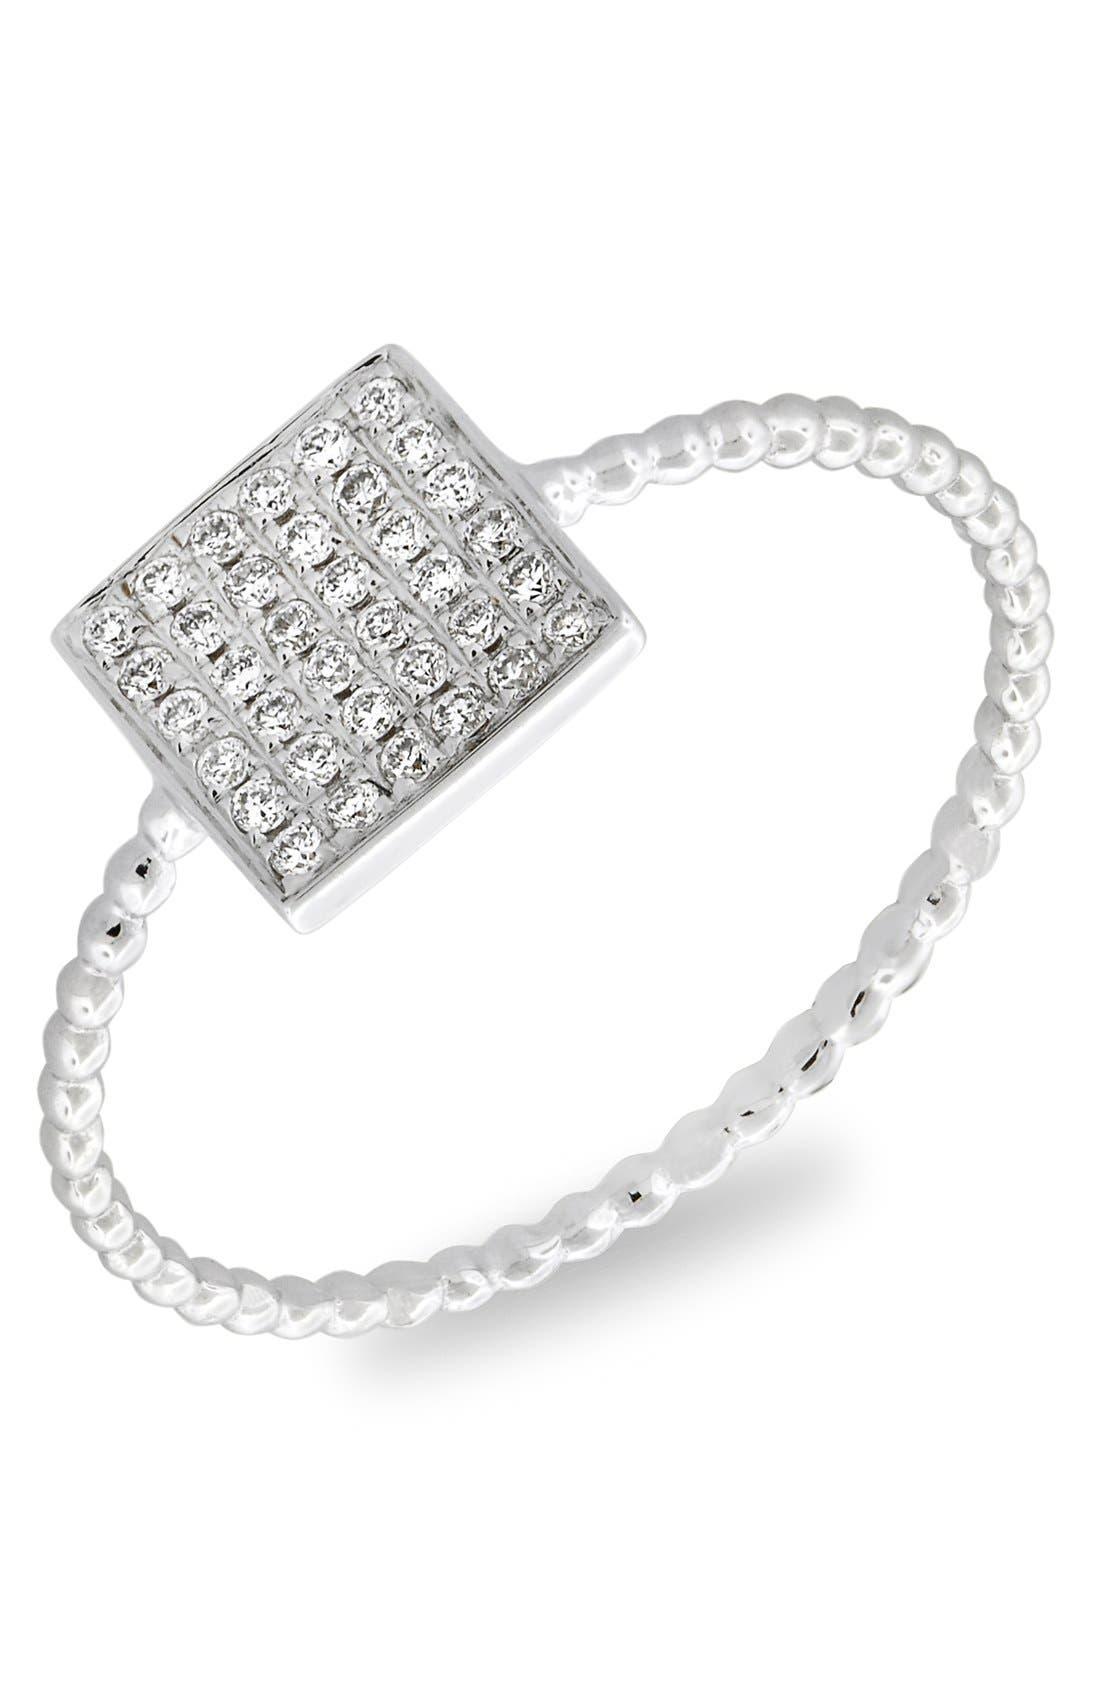 Aurora Diamond Pavé Square Ring,                             Main thumbnail 1, color,                             WHITE GOLD